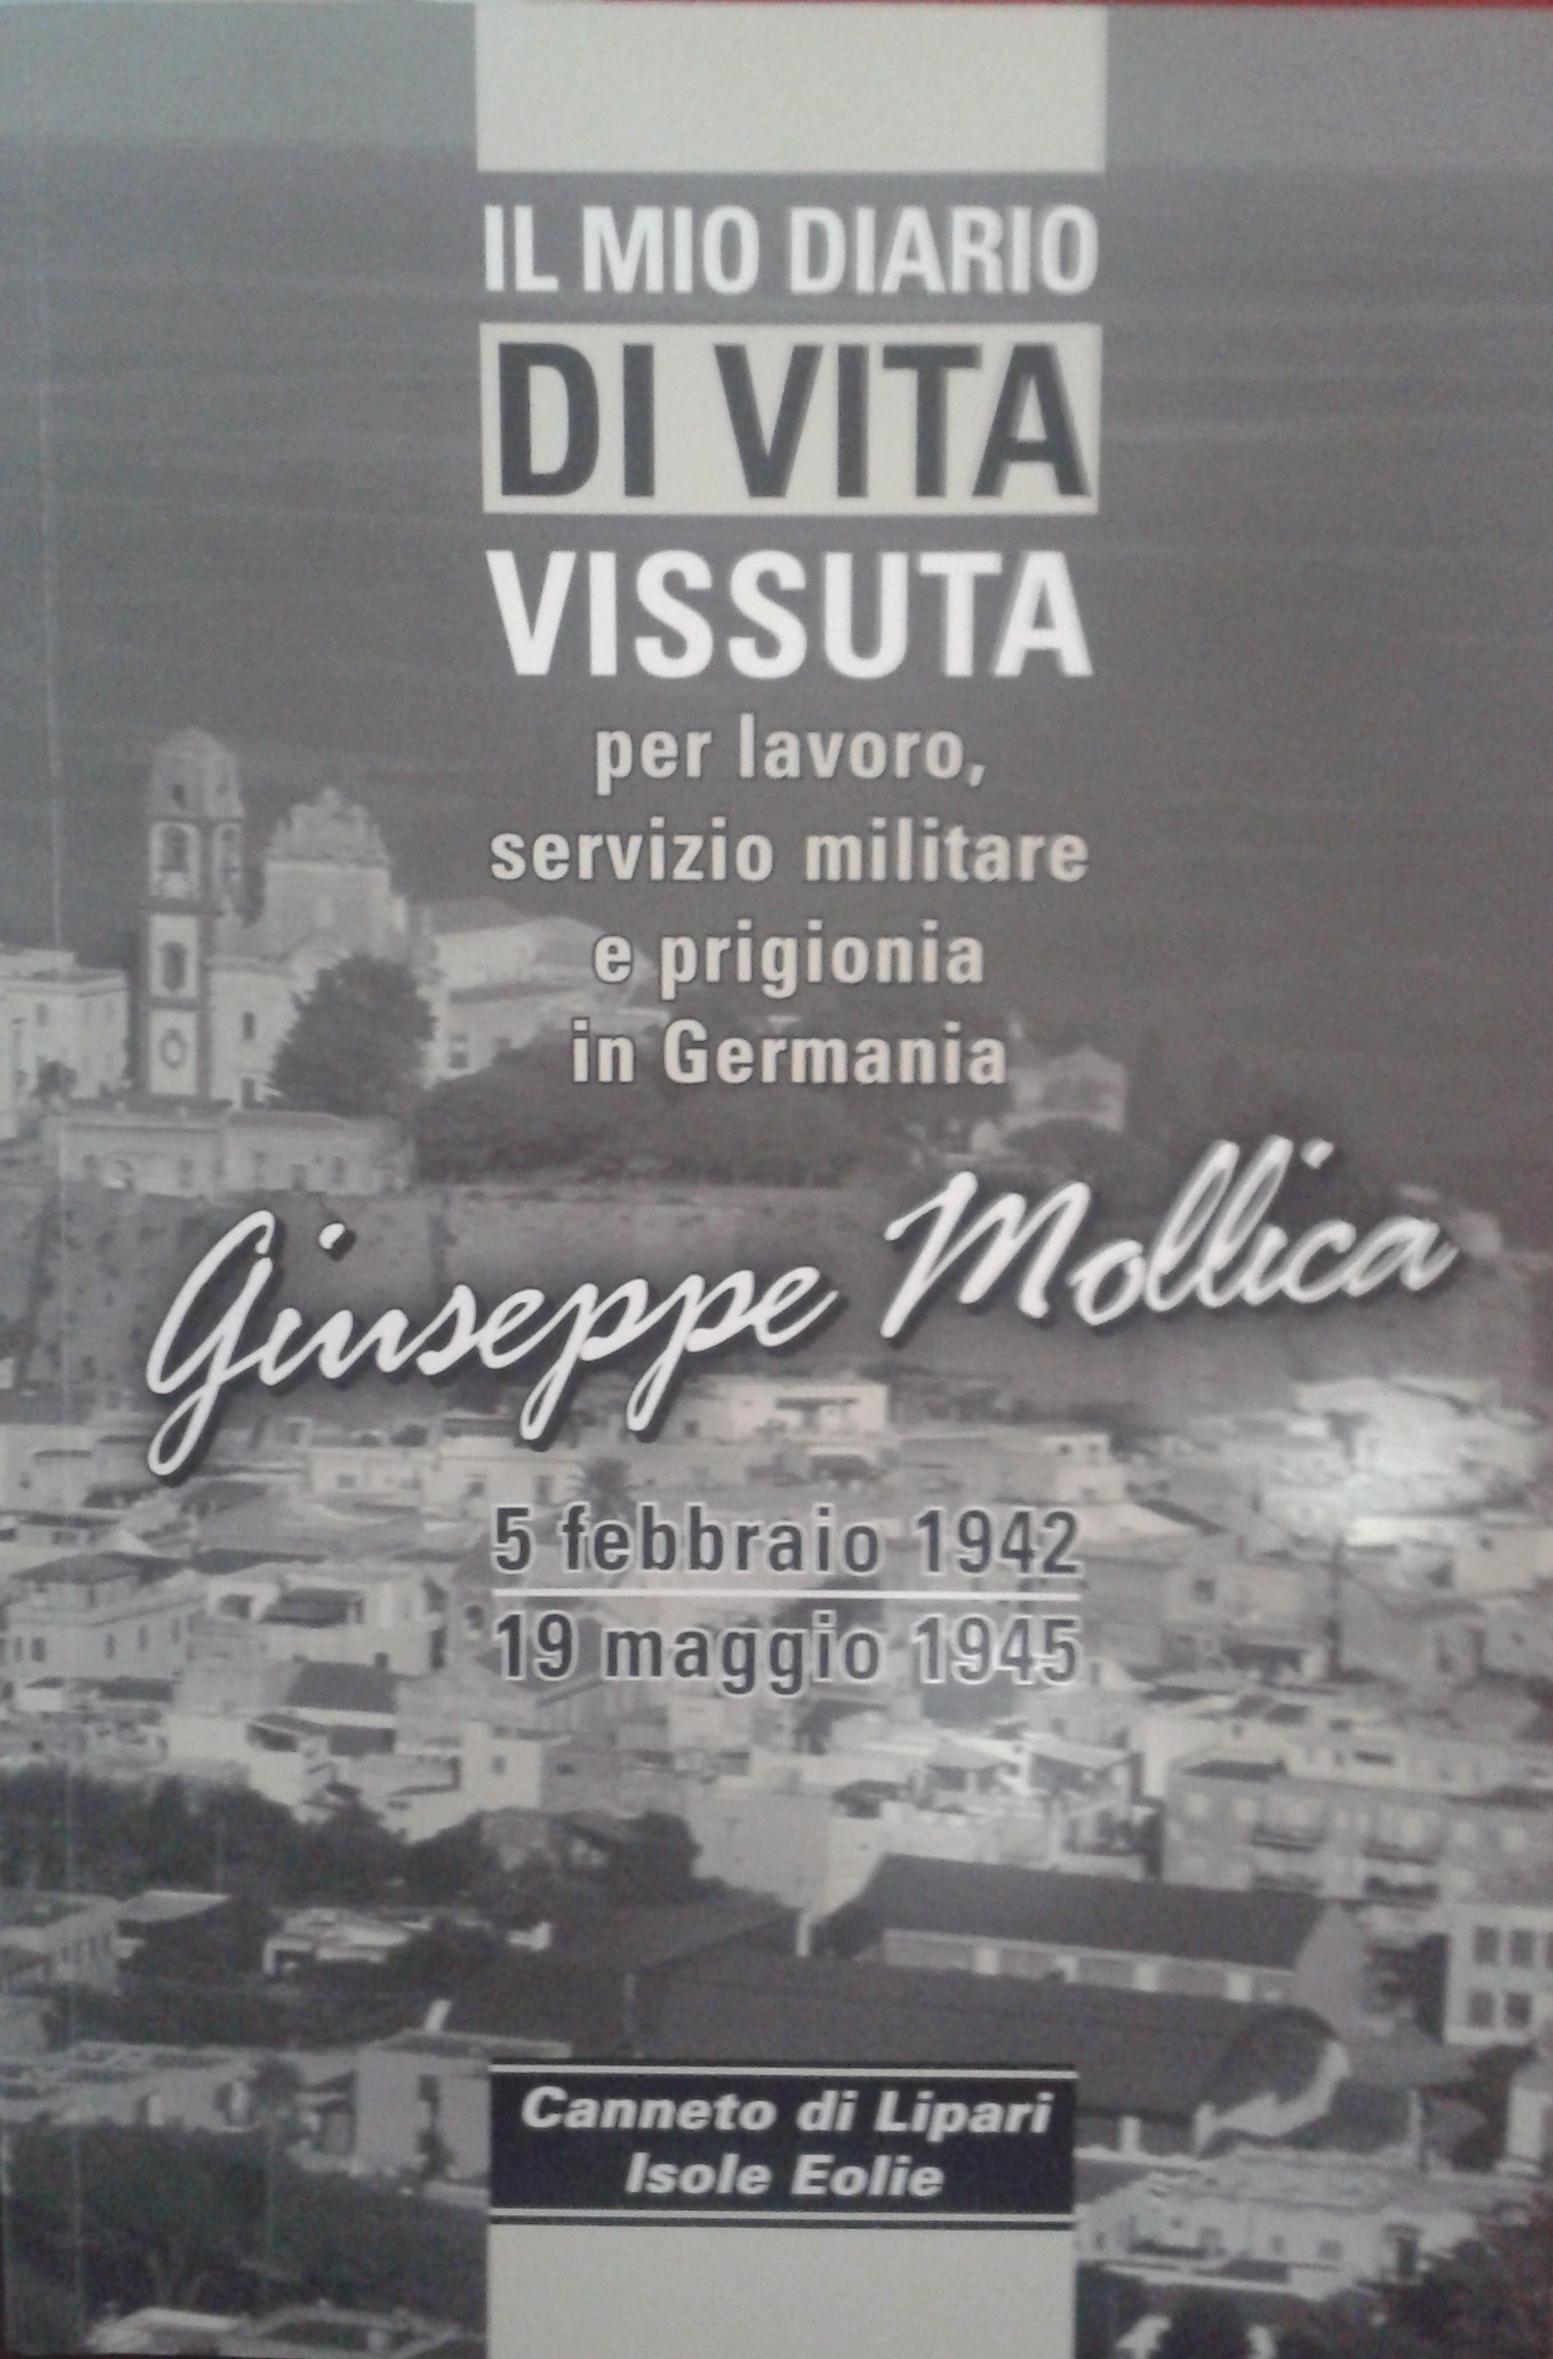 Giuseppe Mollica, diario di un eroe